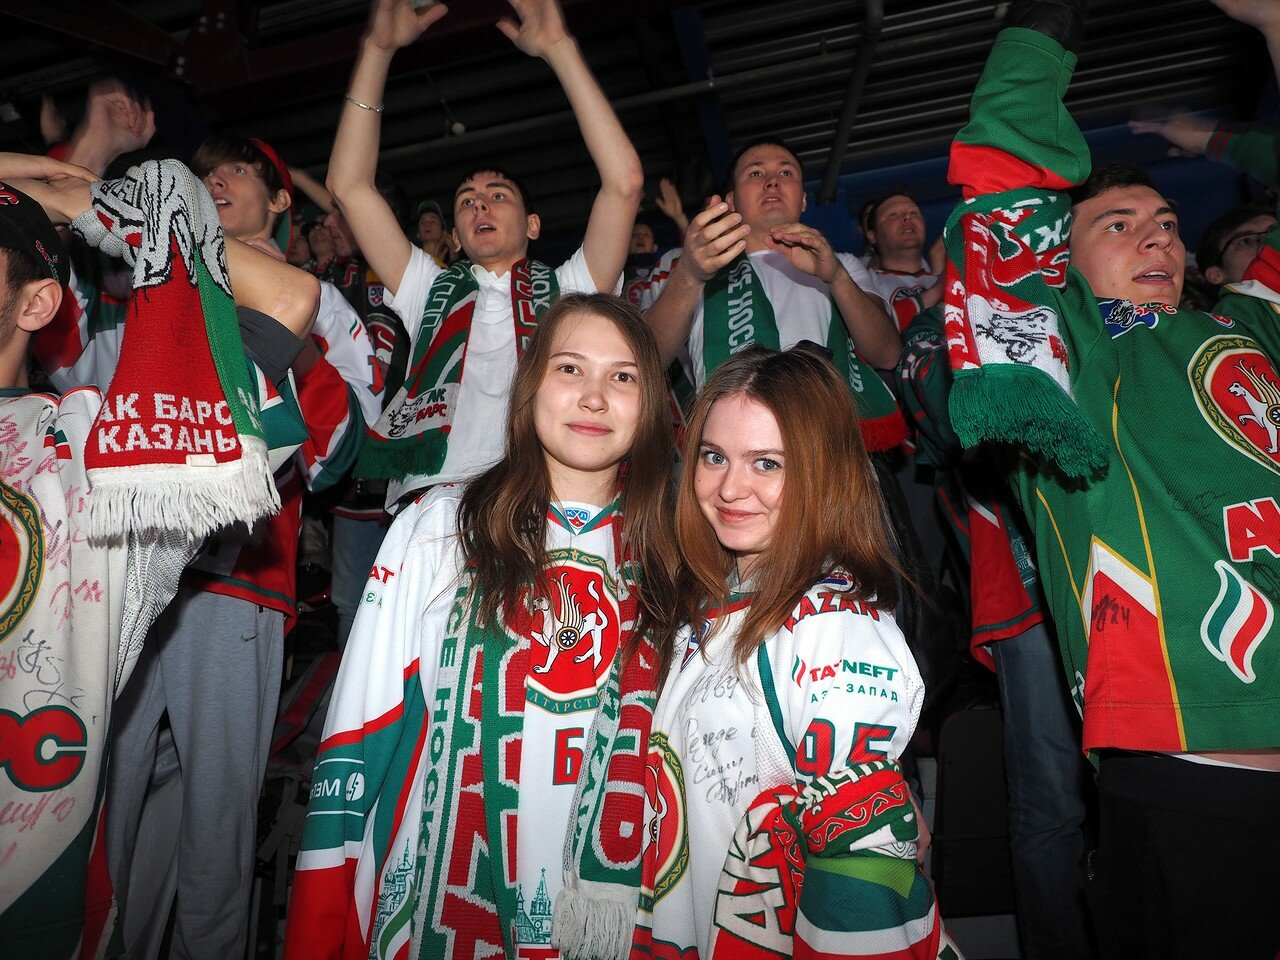 66 Первая игра финала плей-офф восточной конференции 2017 Металлург - АкБарс 24.03.2017